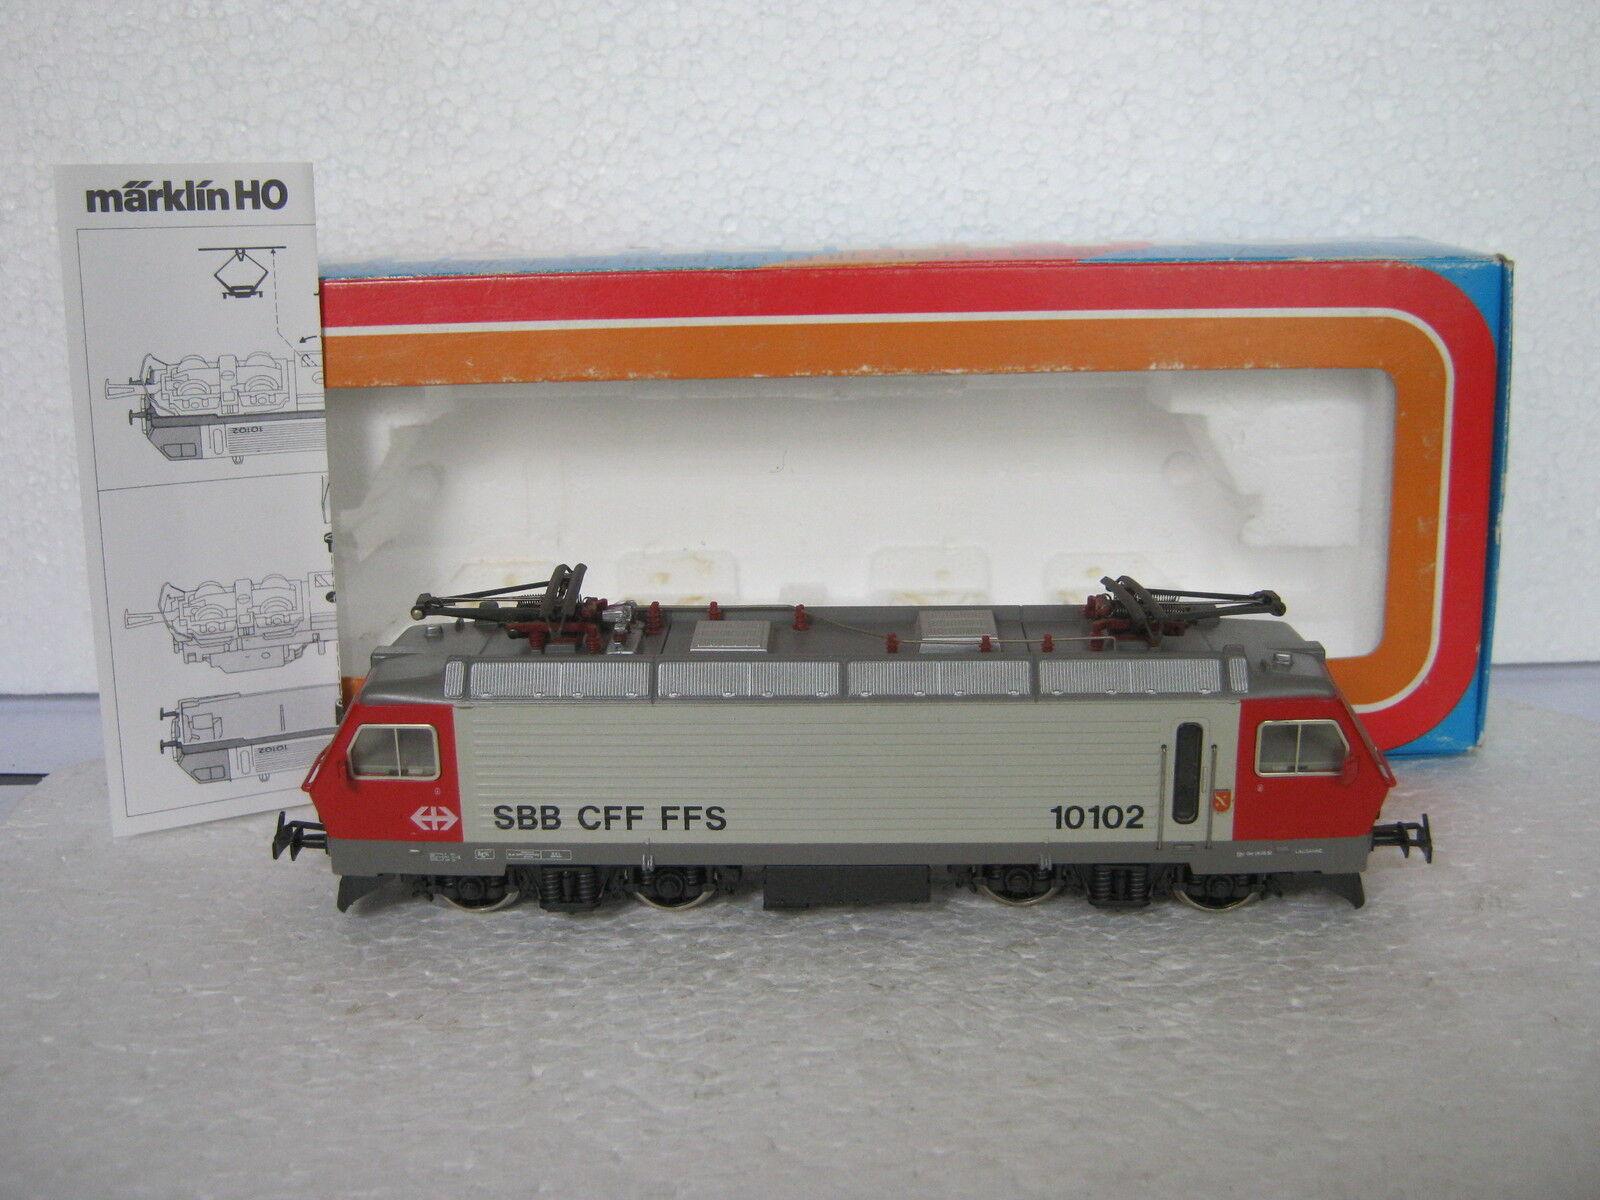 Märklin HO 3323 E-Lok re 4 4 BR 10102 SBB (rg cg 002-59s8 1)